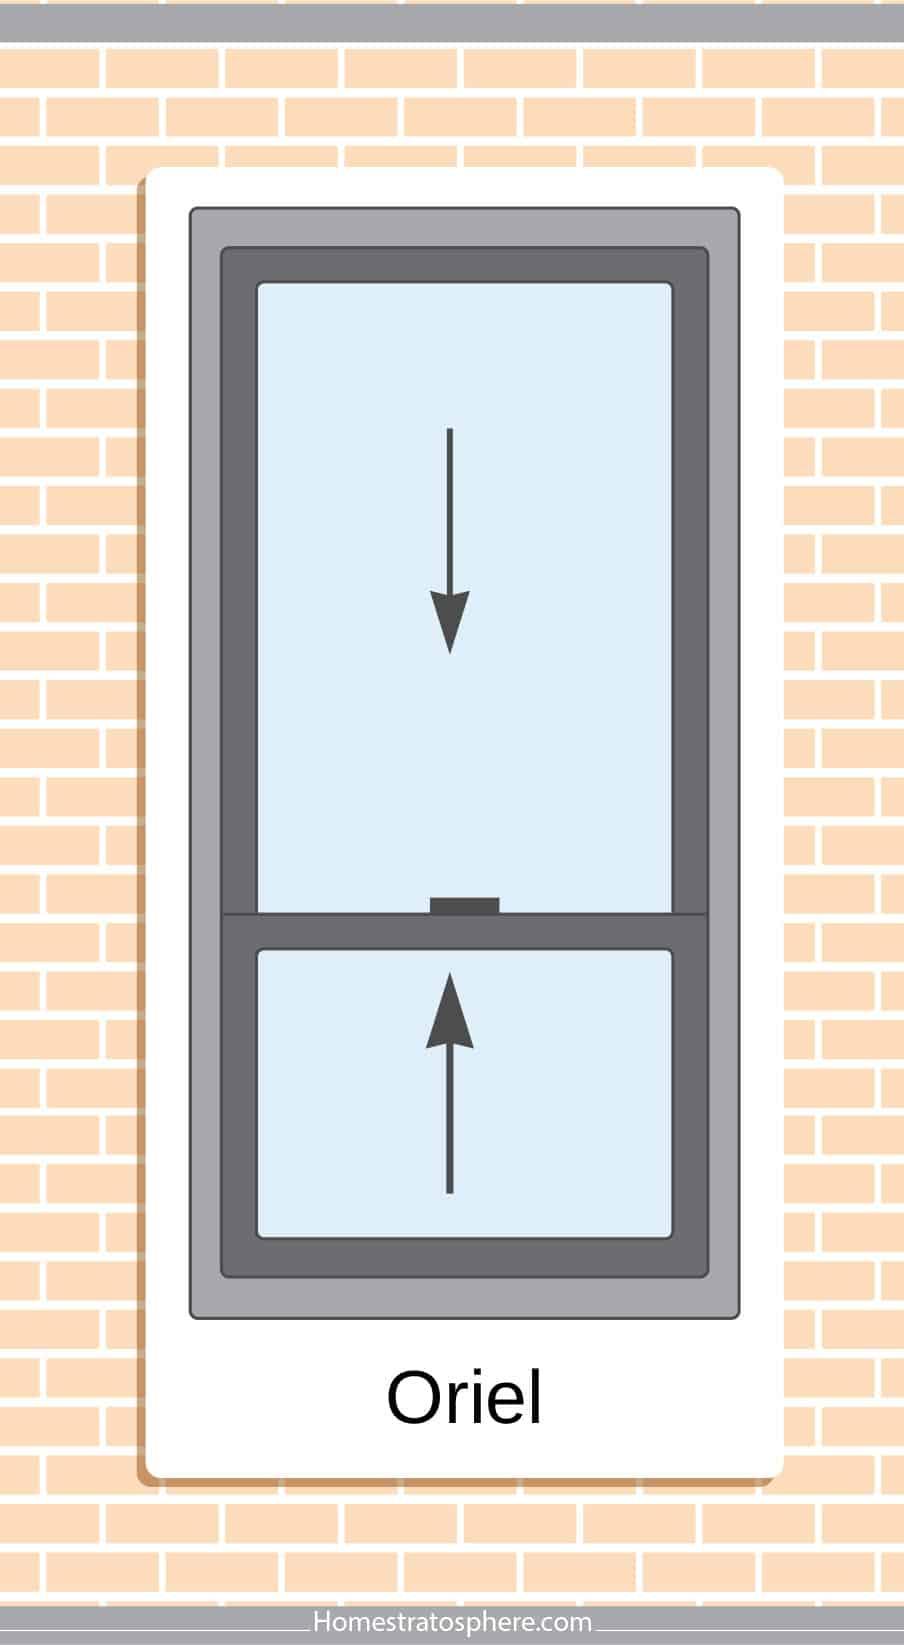 Oriel window style